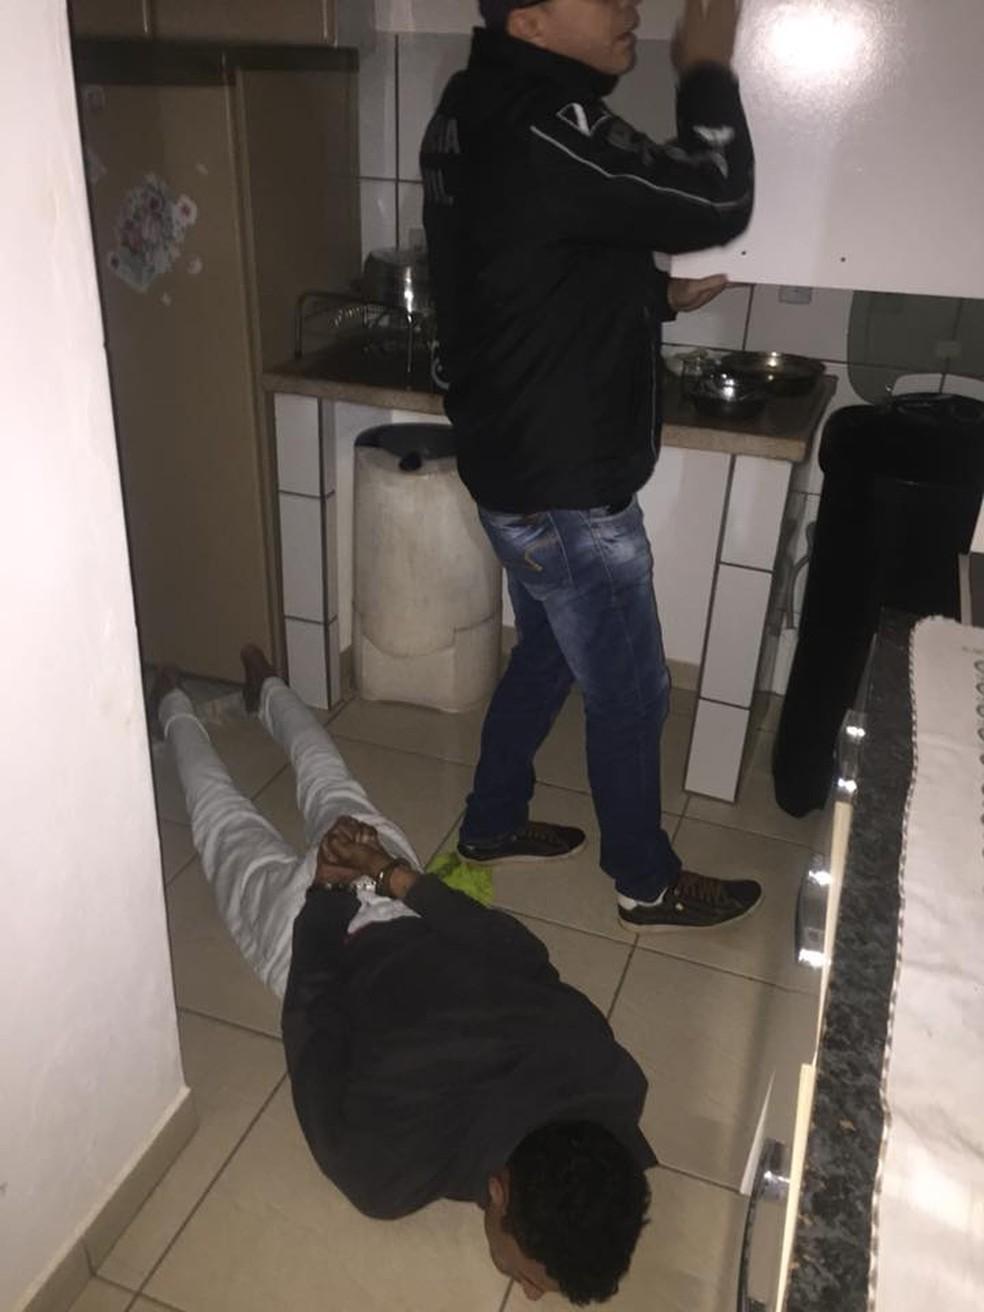 Dupla é reincidente no golpe do falso frete; polícia busca outros suspeitos (Foto: Polícia Civil/Divulgação)